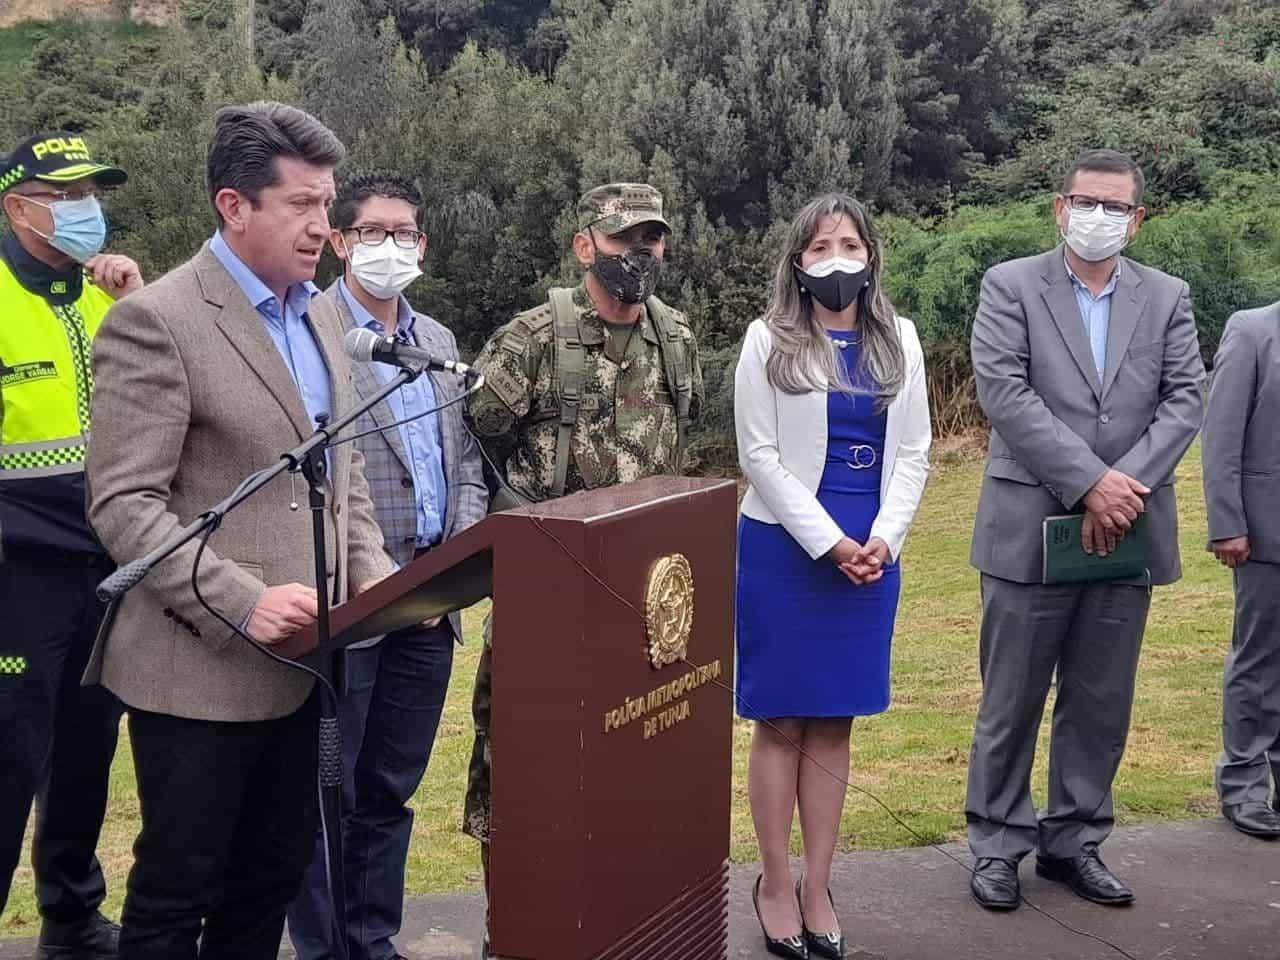 Los anuncios que hizo el ministro de Defensa en el Puente de Boyacá #Tolditos7días 1